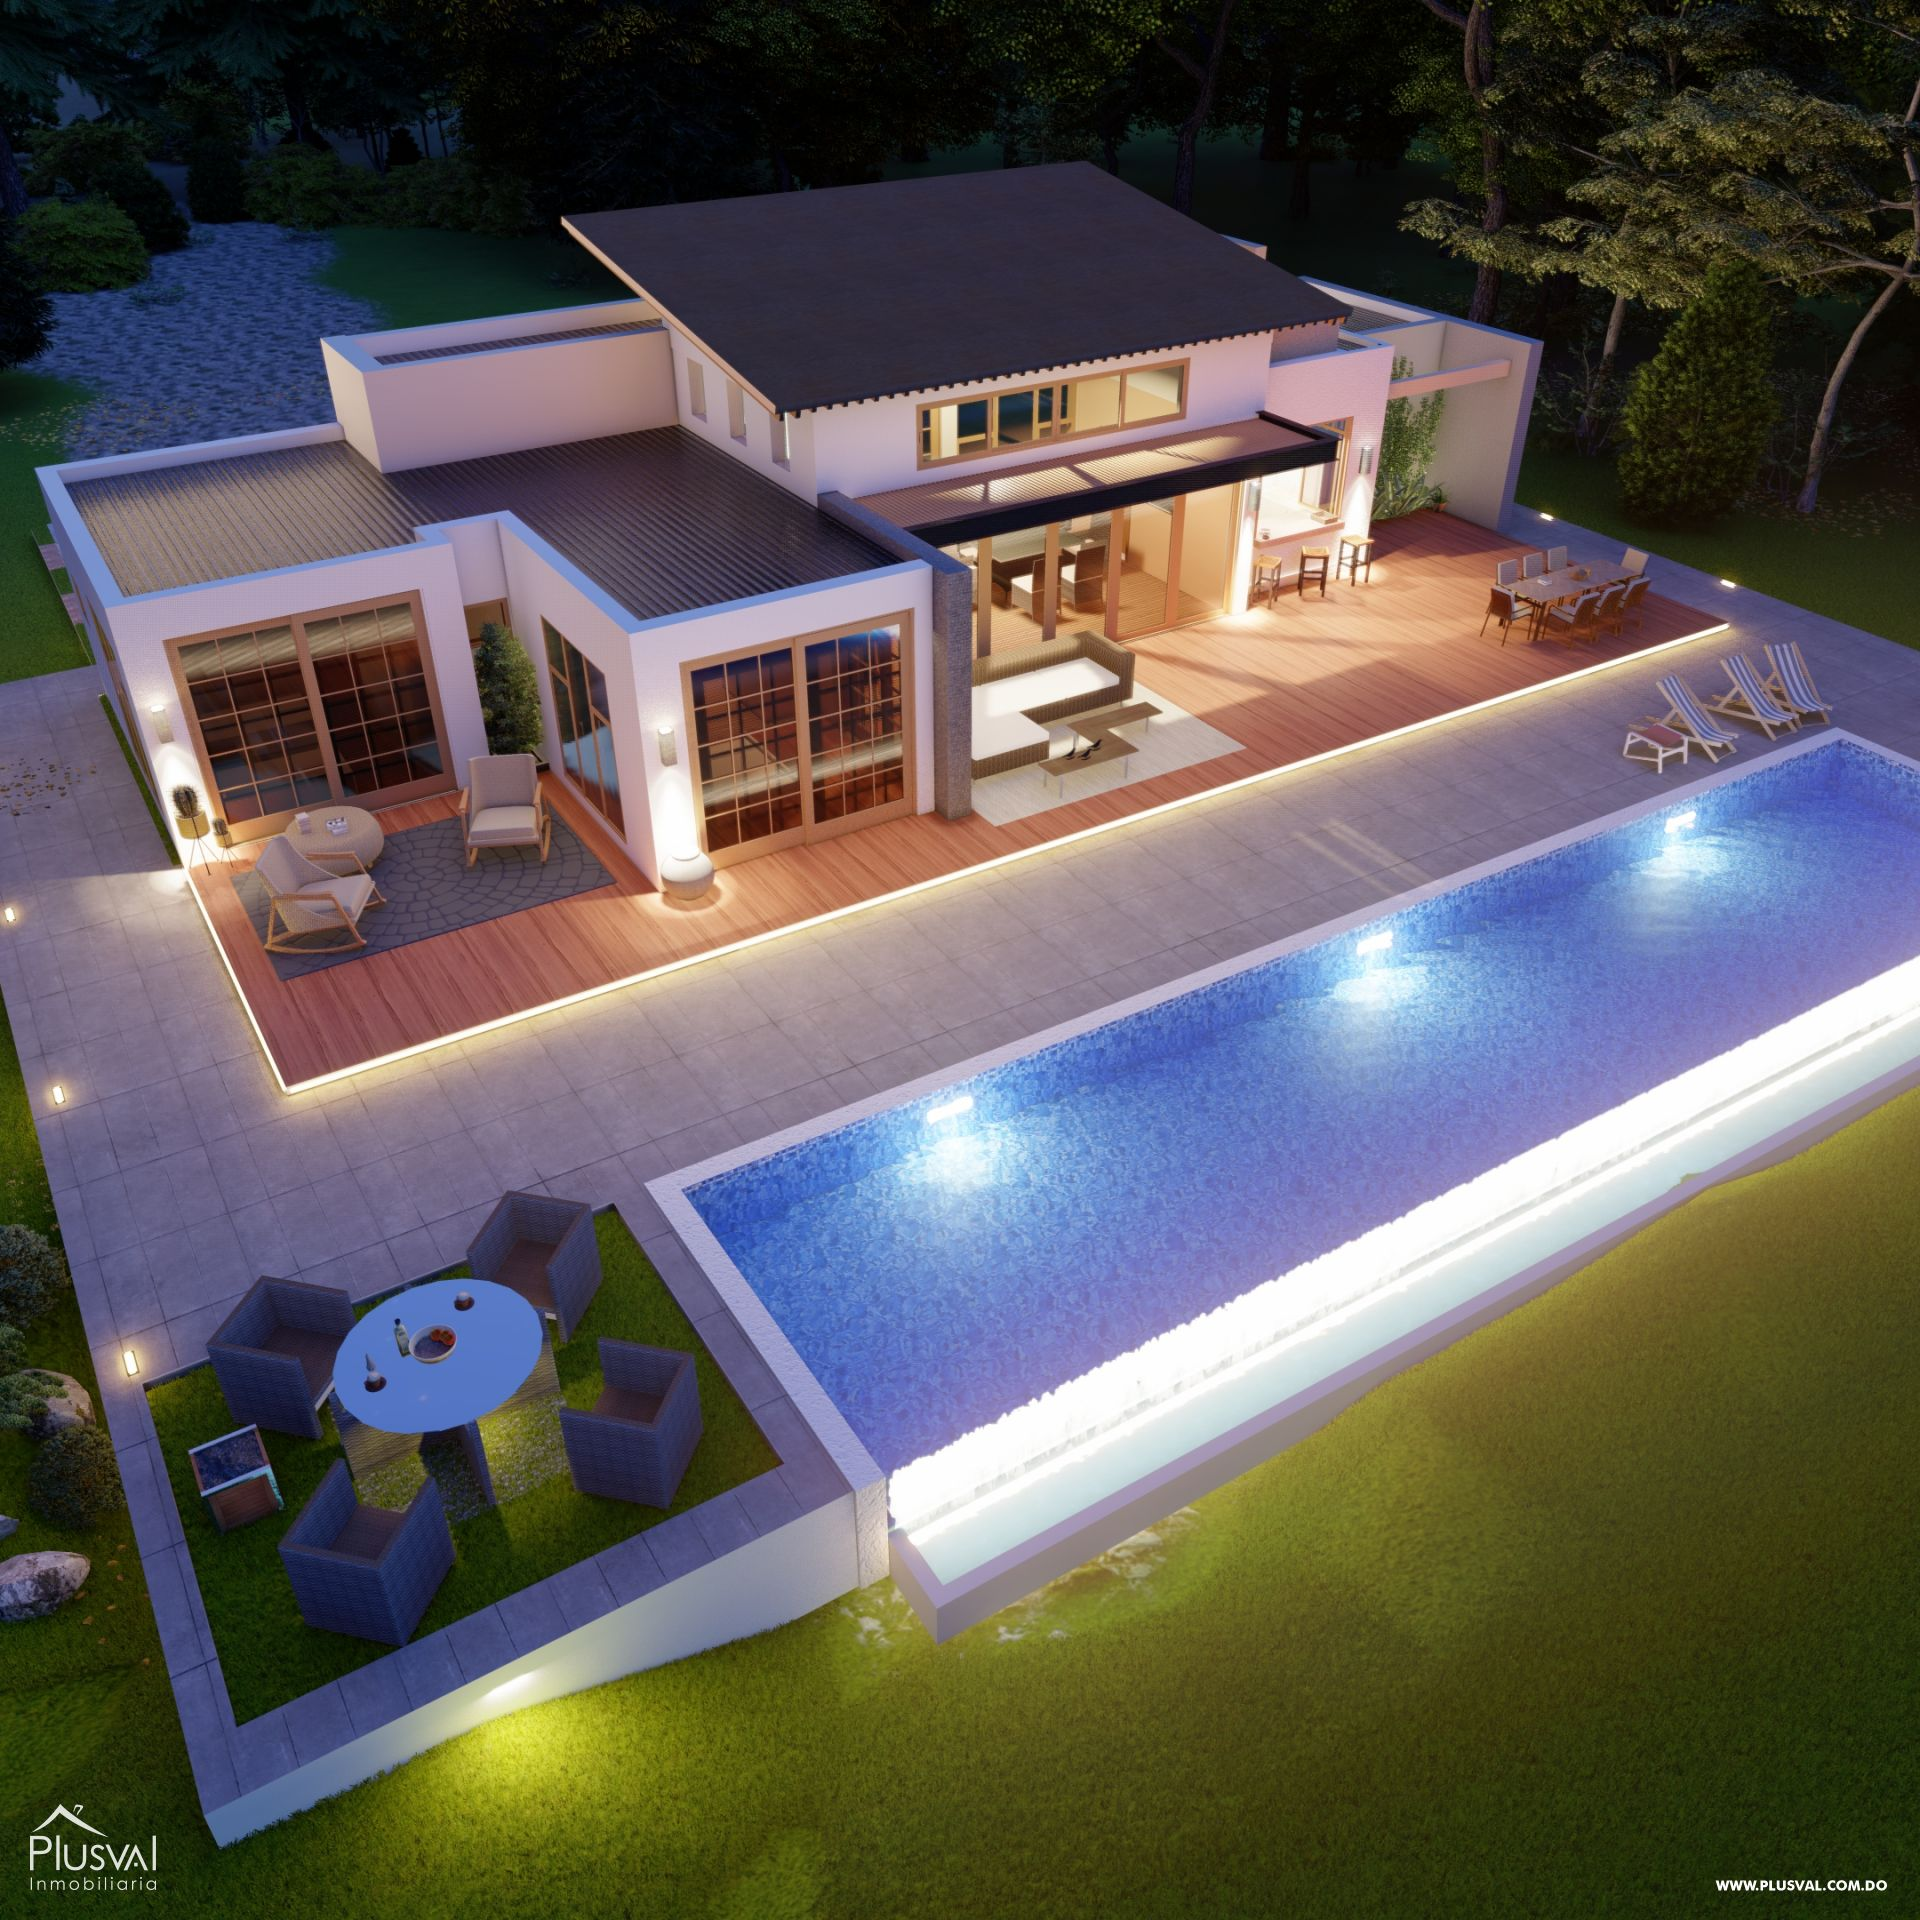 Villas en Jarabacoa con excelente diseño e inmejorable ubicación 159098